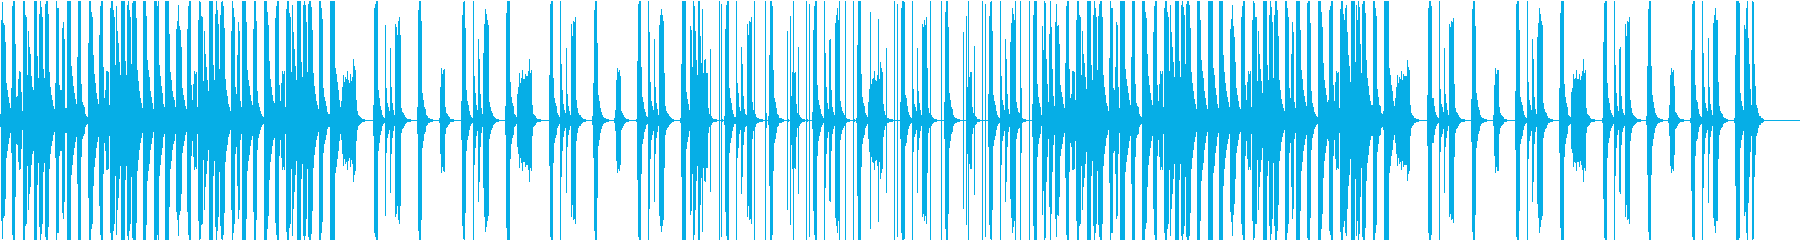 ほのぼのと可愛らしいBGMの再生済みの波形